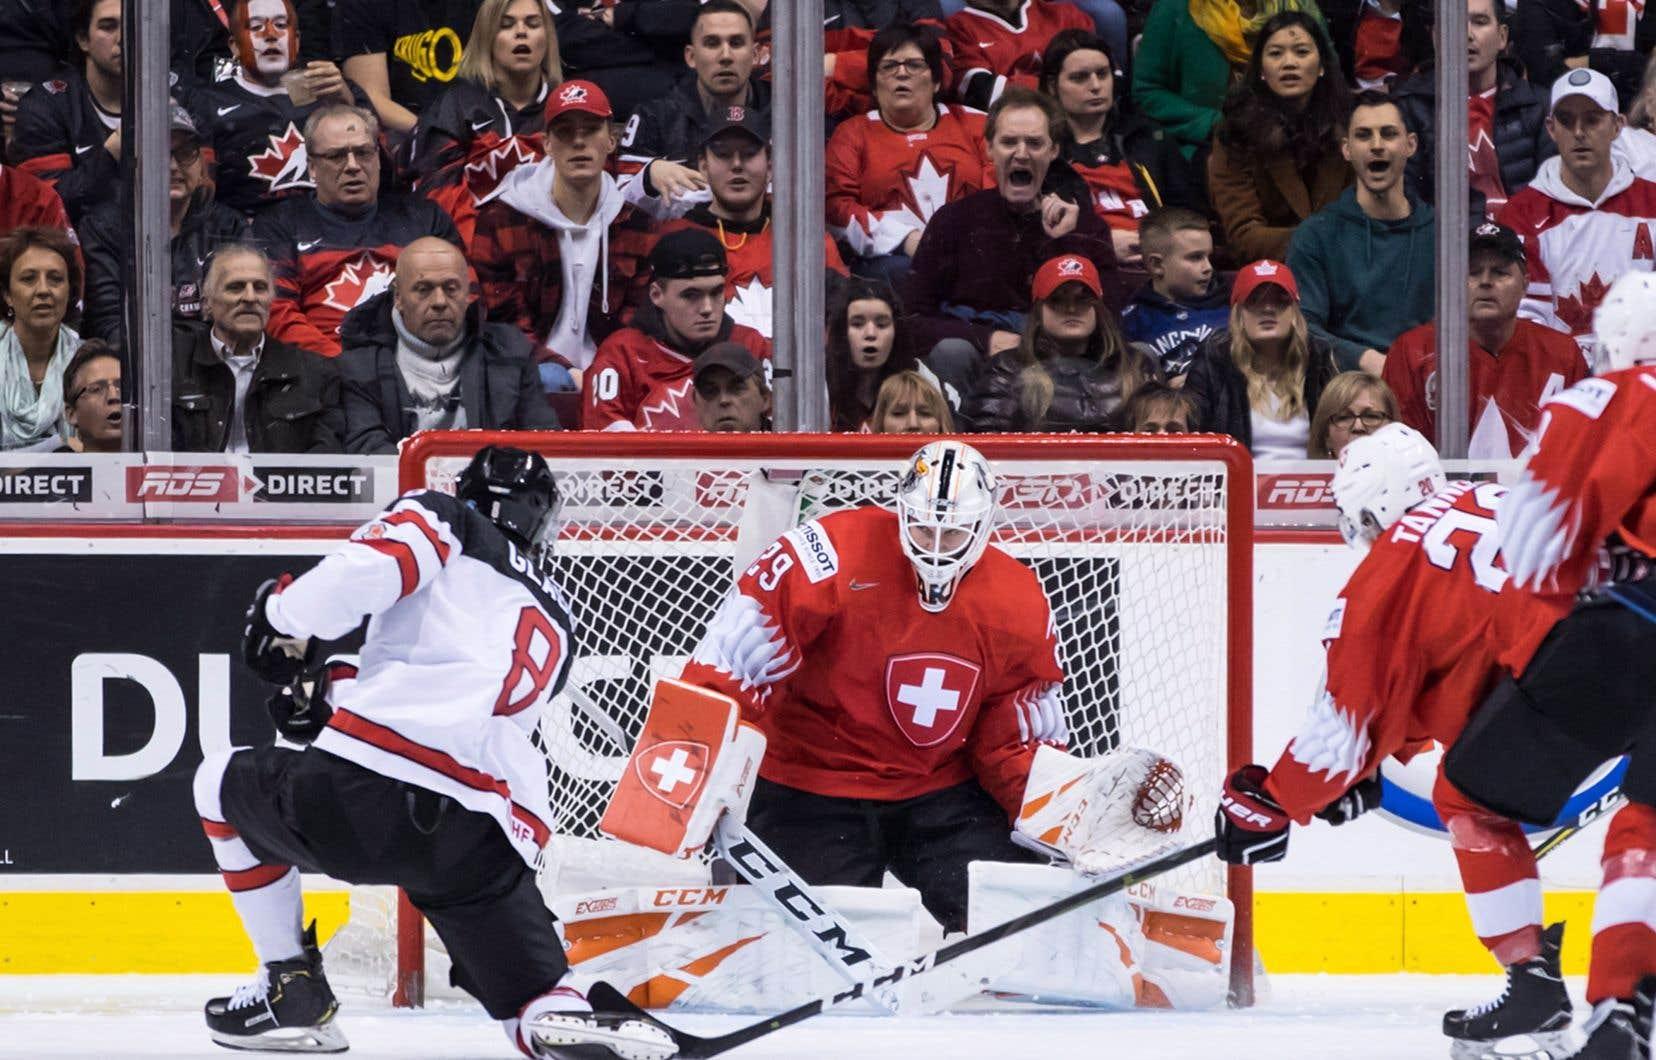 Noah Dobson,Cody Glass (numéro 8, sur la photo) et MacKenzie Entwistle ont marqué les trois buts pour le Canada.